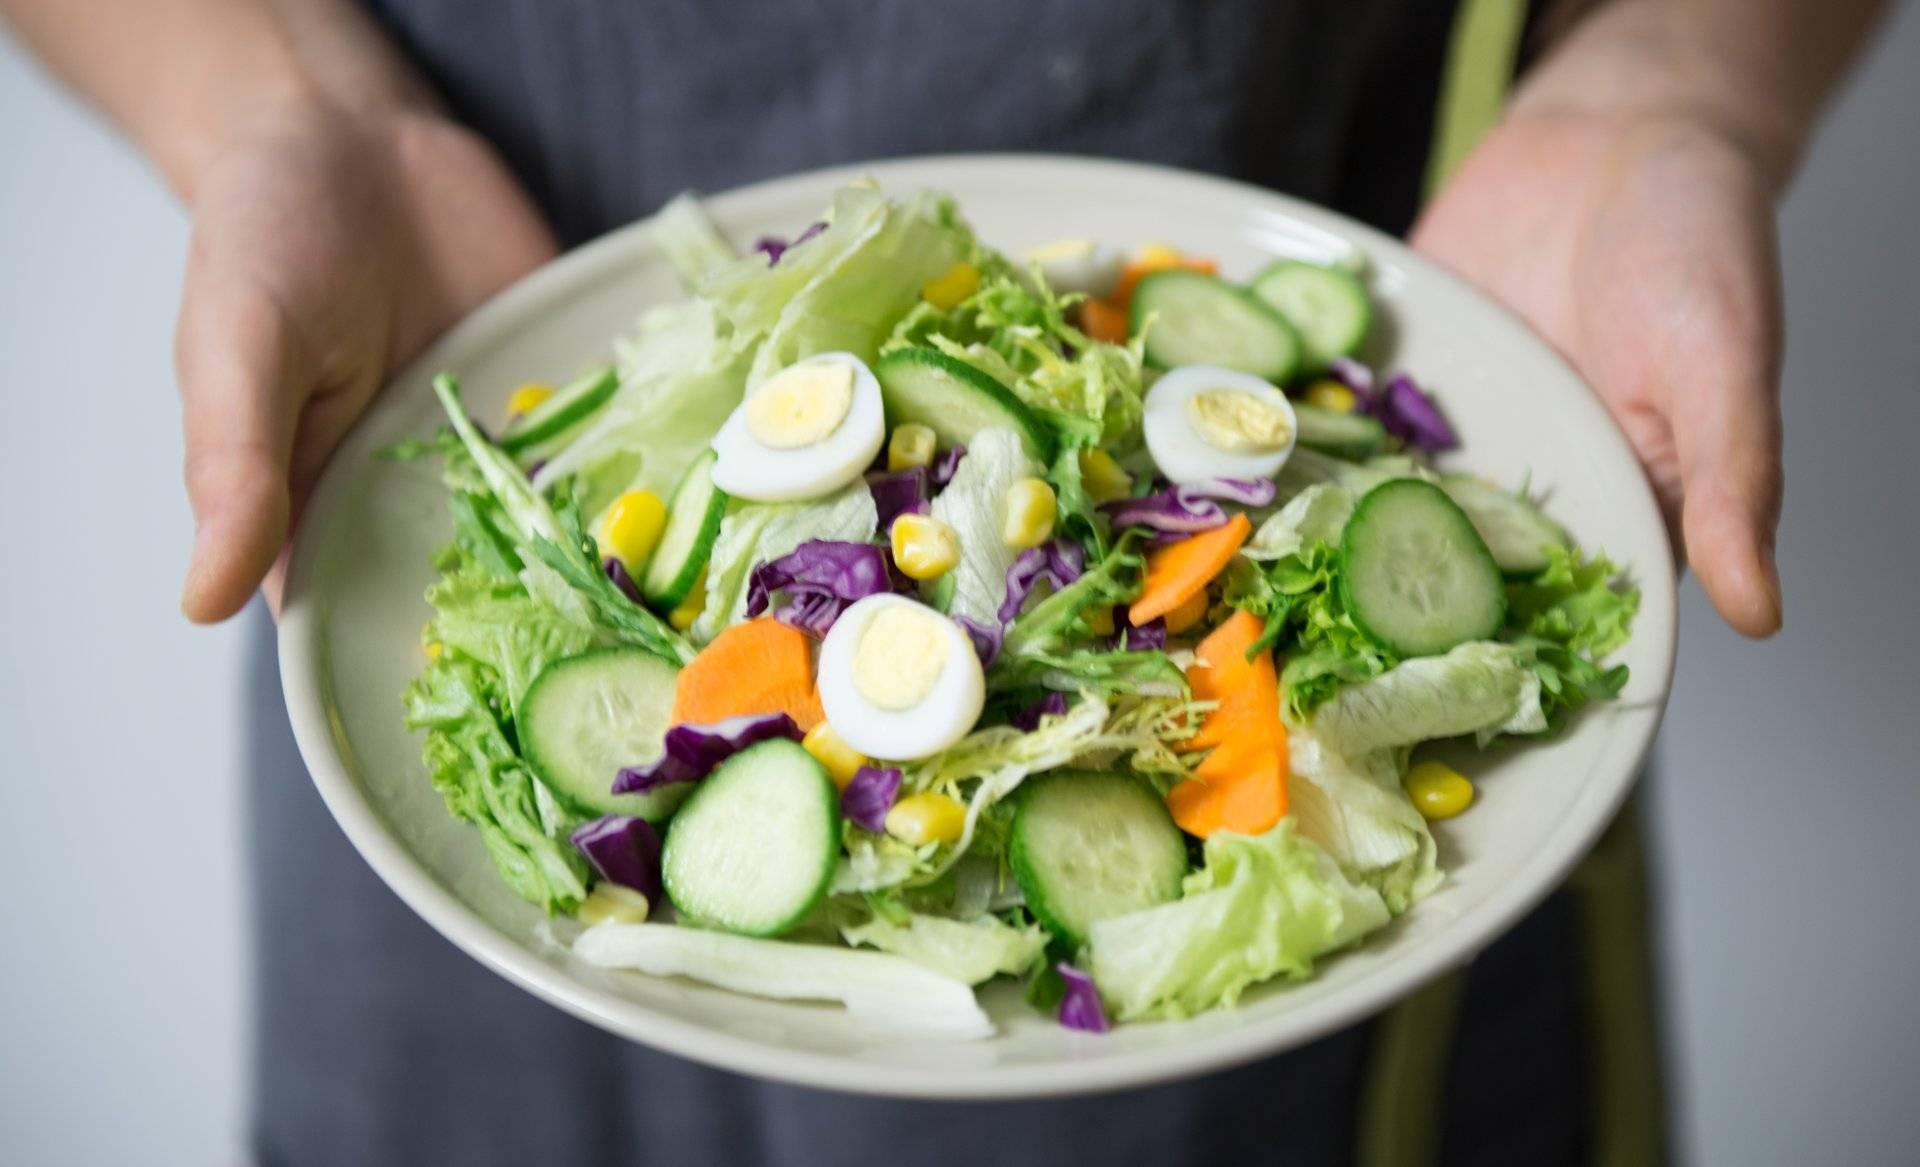 每天吃水煮蔬菜,能不能减肥?